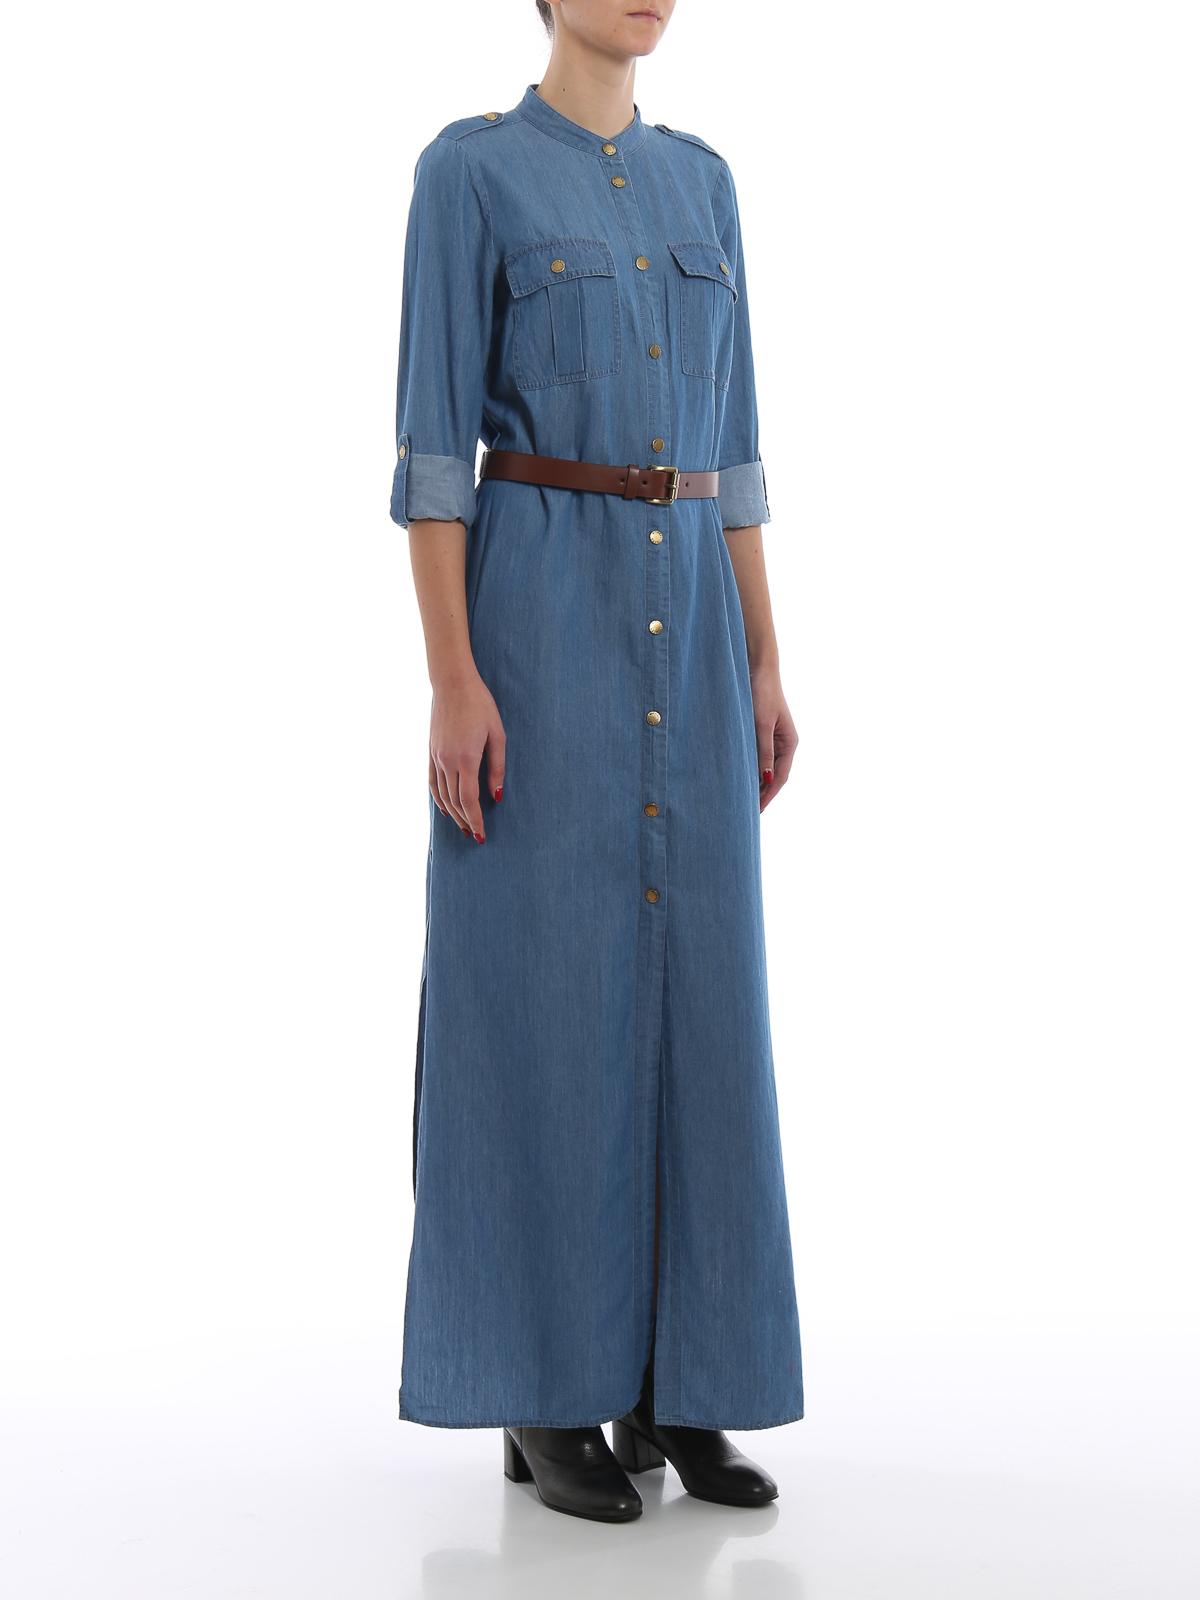 Michael Kors - Light denim maxi belted shirt dress - maxi dresses ...